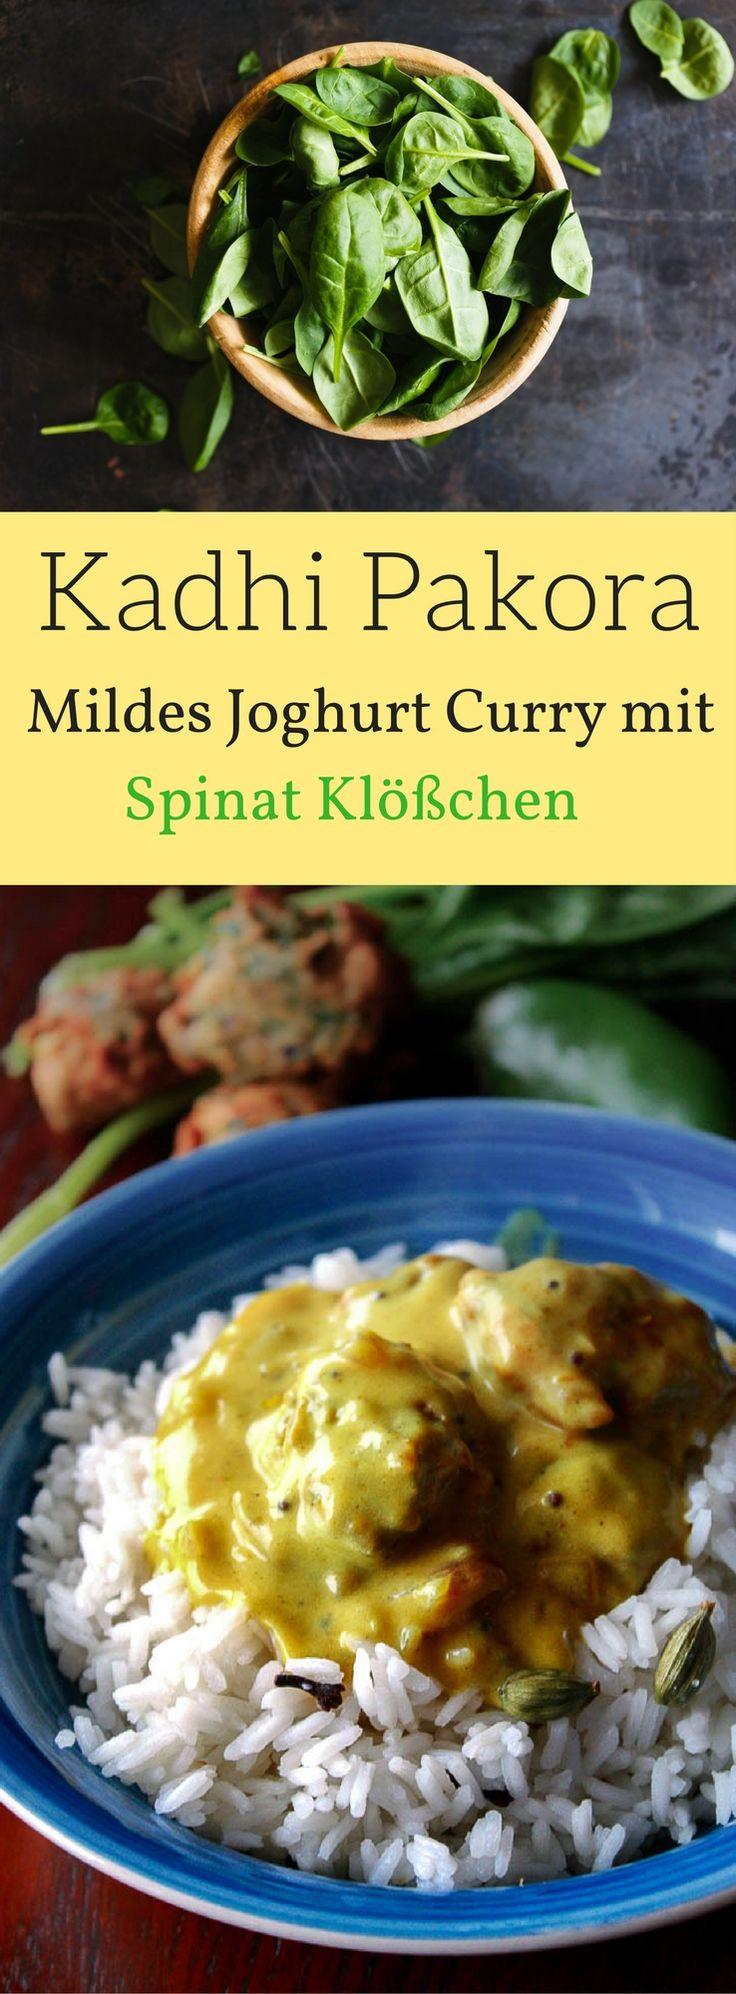 Indisches Joghurt Curry mit Spinat Klößchen bzw. Spinat Pakoras von cinnamonandcoriander.com